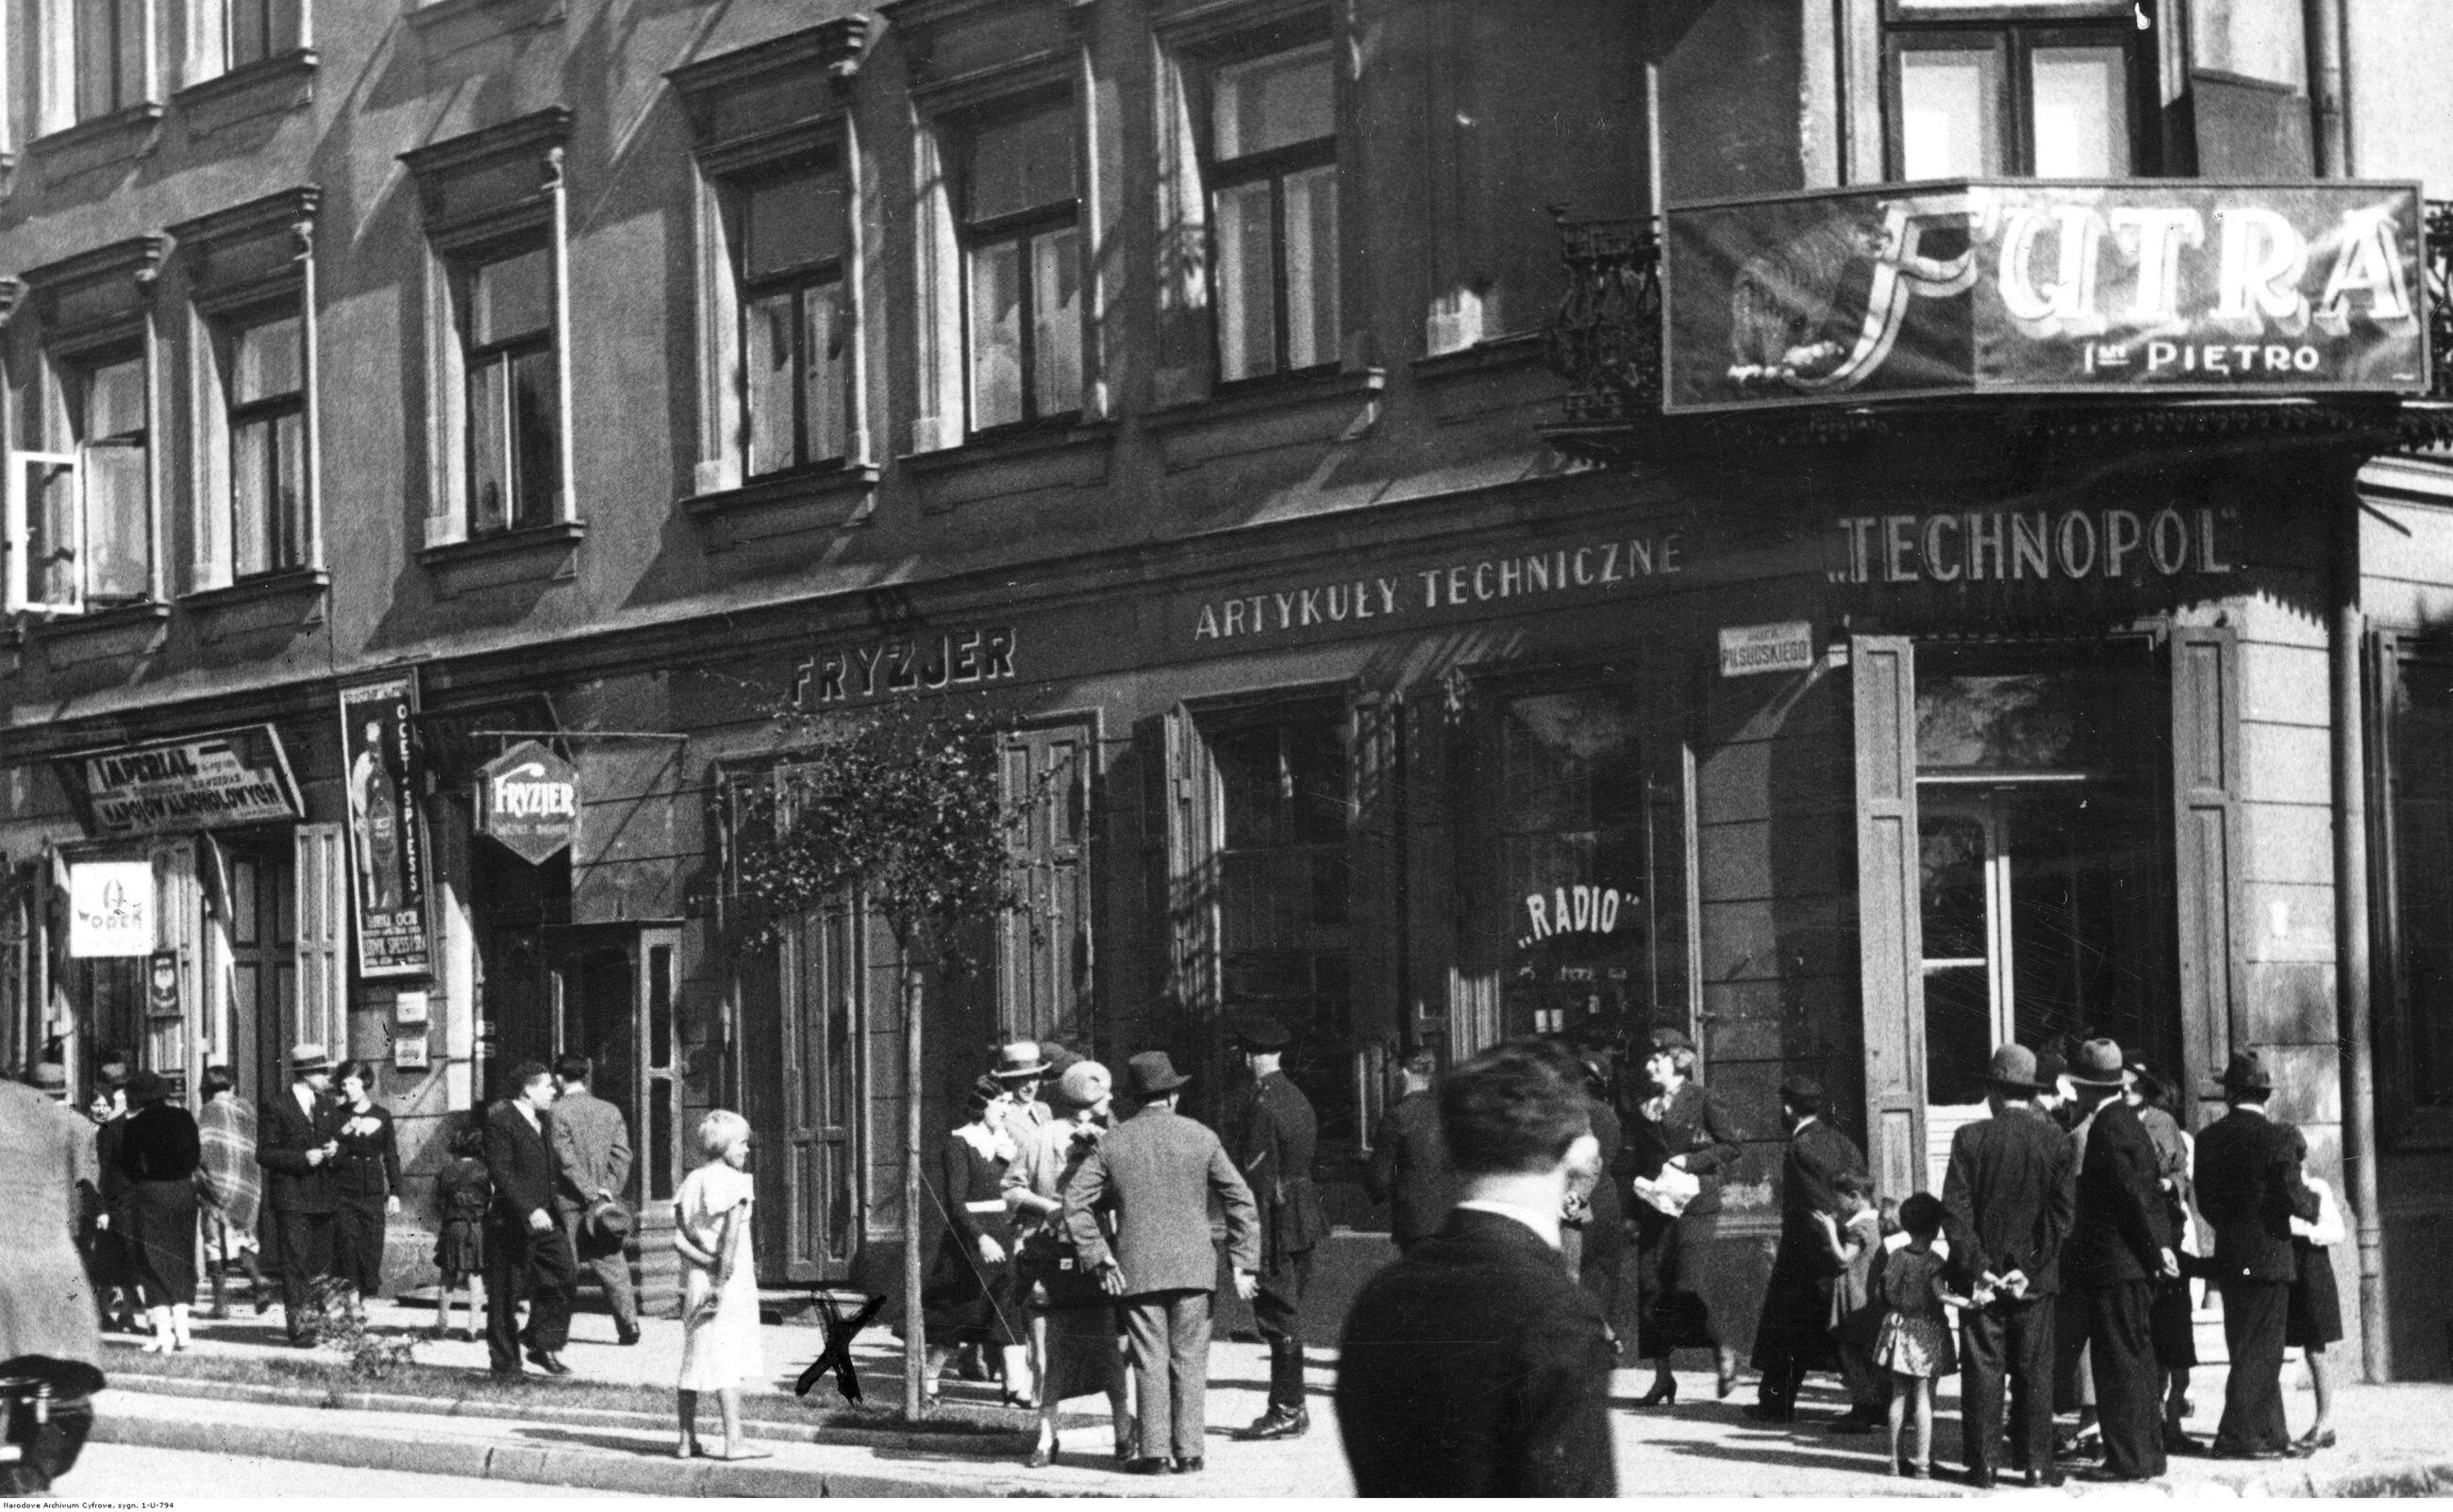 Częstochowa Częstochowa była największym miastem województwa... kieleckiego. Drugim co do wielkości miastem tego województwa był Sosnowiec, a trzecim Radom. Kielce, od których nazwano województwo i uczyniono jego stolicą, były dopiero czwarte. W 1931 r. liczyły 58 tys. ludzi, o połowę mniej od Częstochowy. Liczba ludności w 1939 r.: 138 tys., obecnie: 226 tys. Na zdjęciu: witryny sklepów w Częstochowie, październik 1934 r.